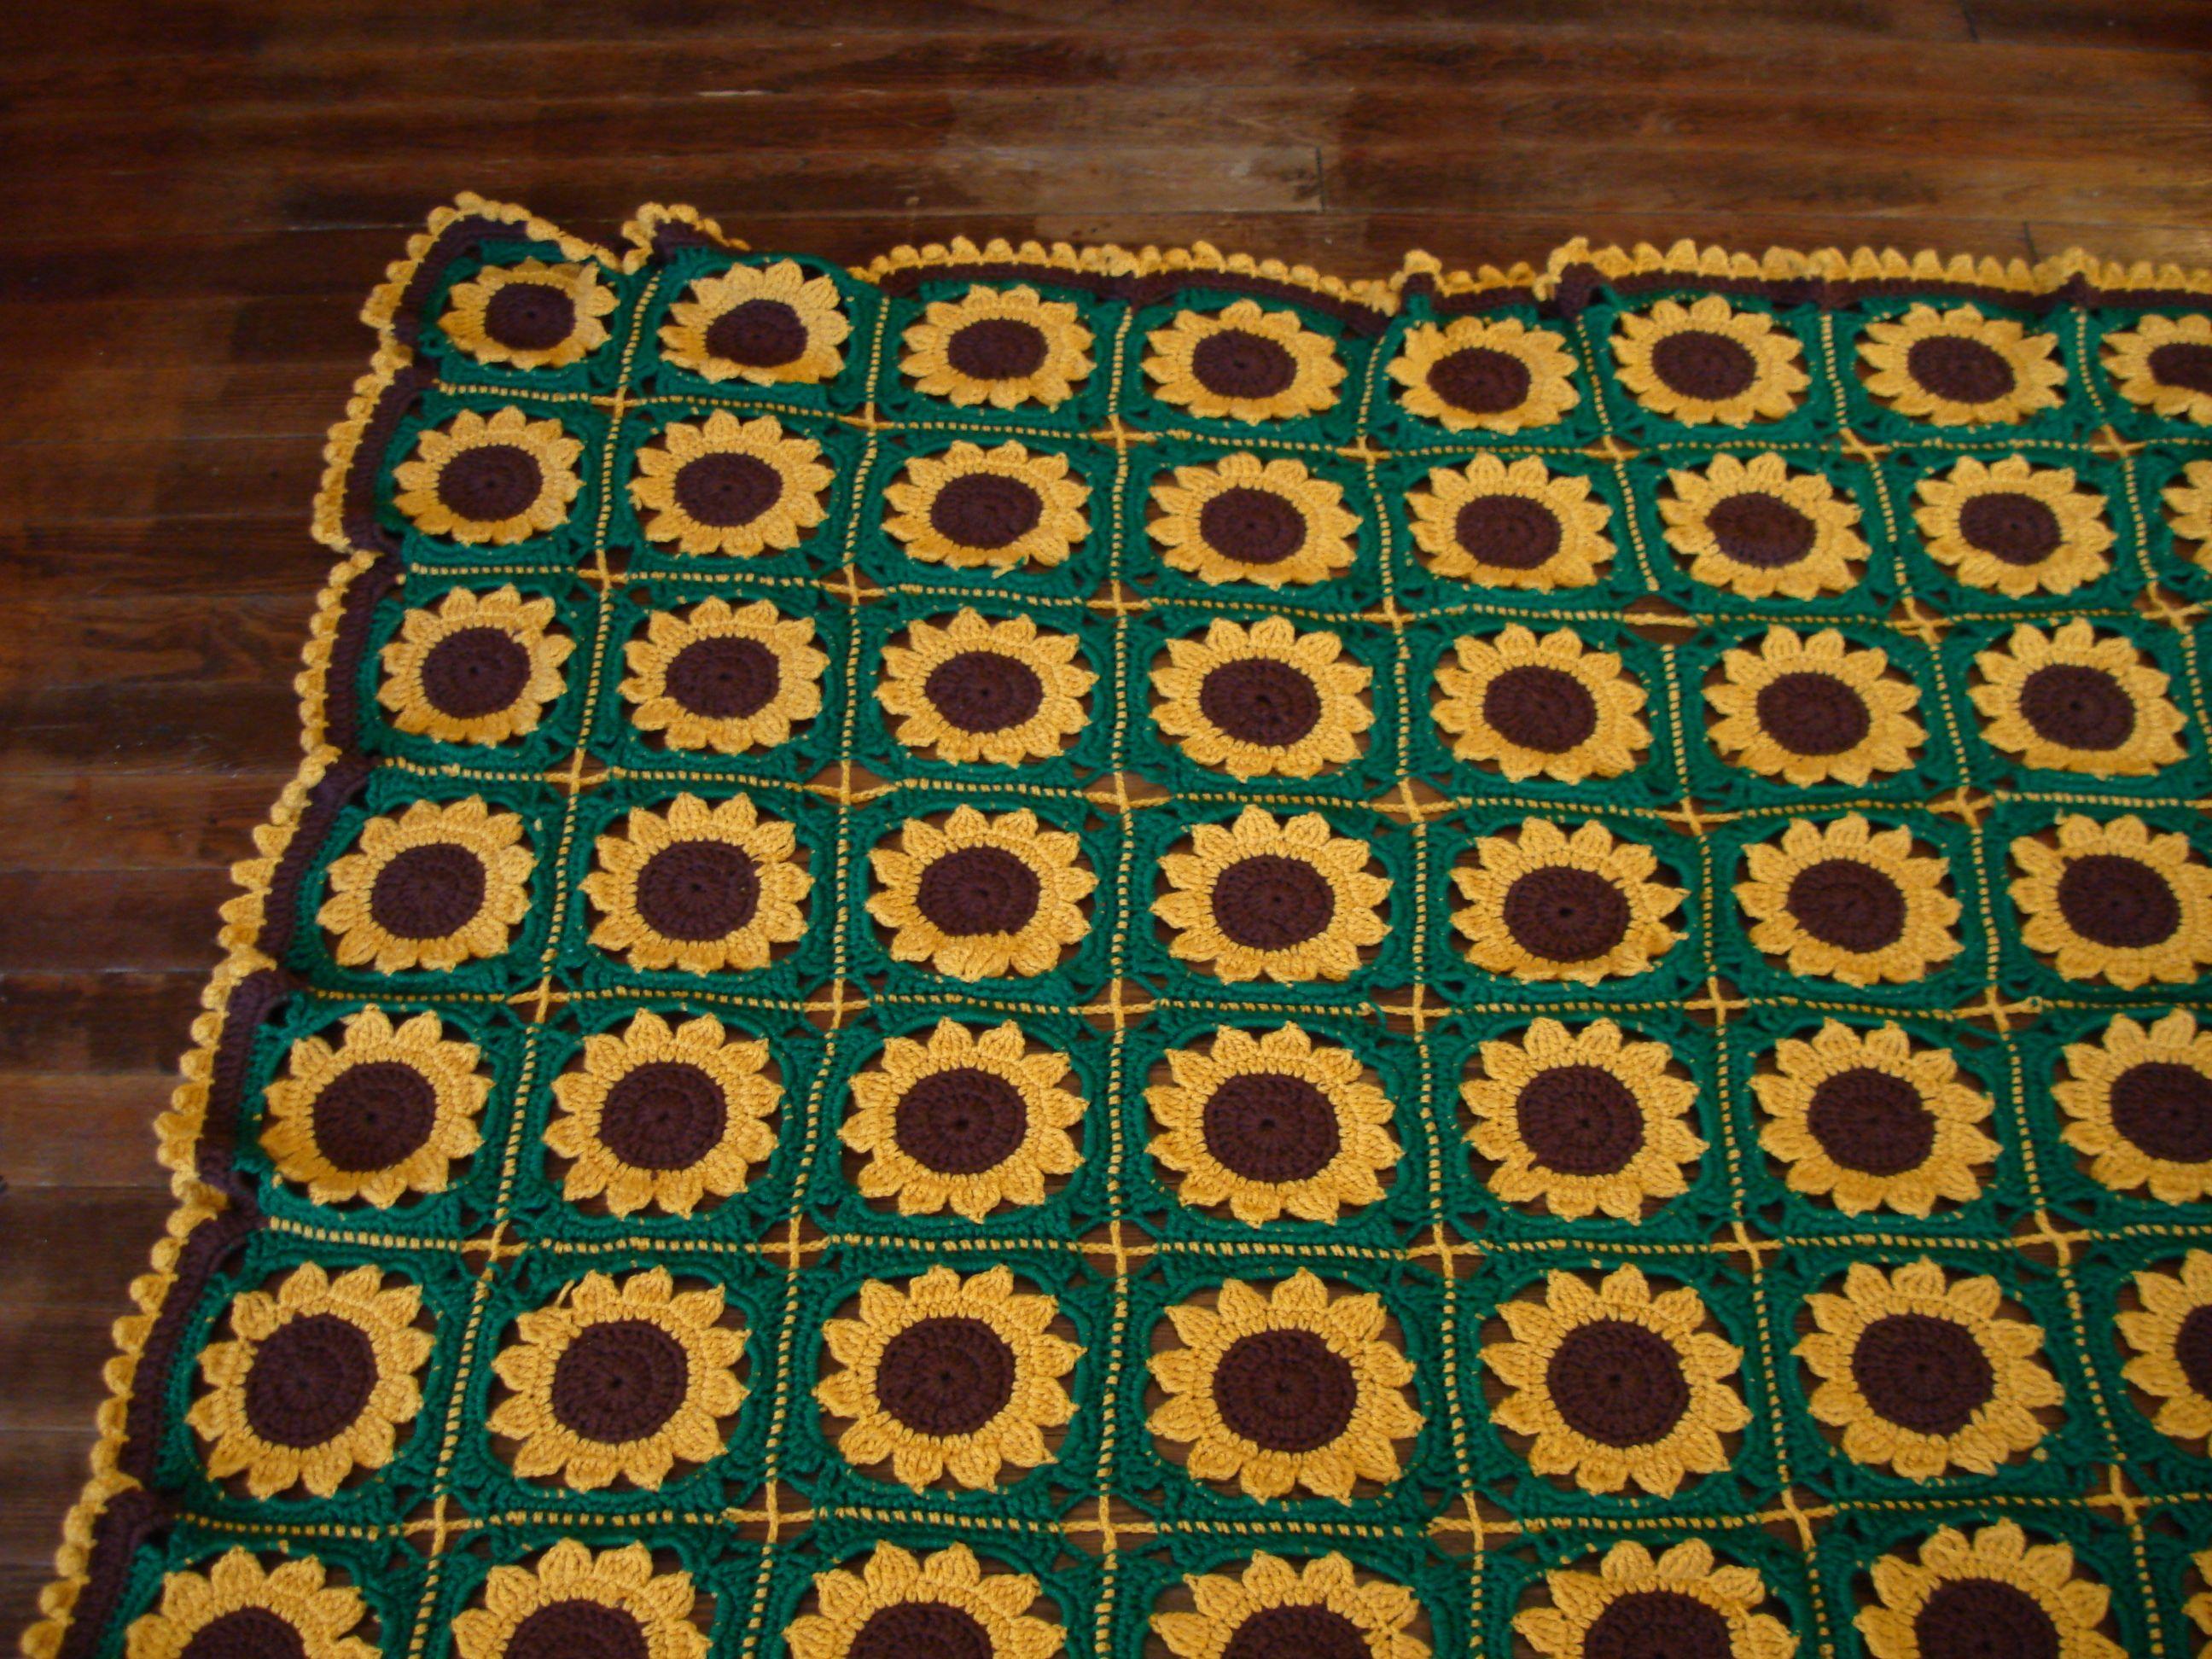 Kansas Sunflower Granny Square Crochet Afghan Blanket | Going, going ...